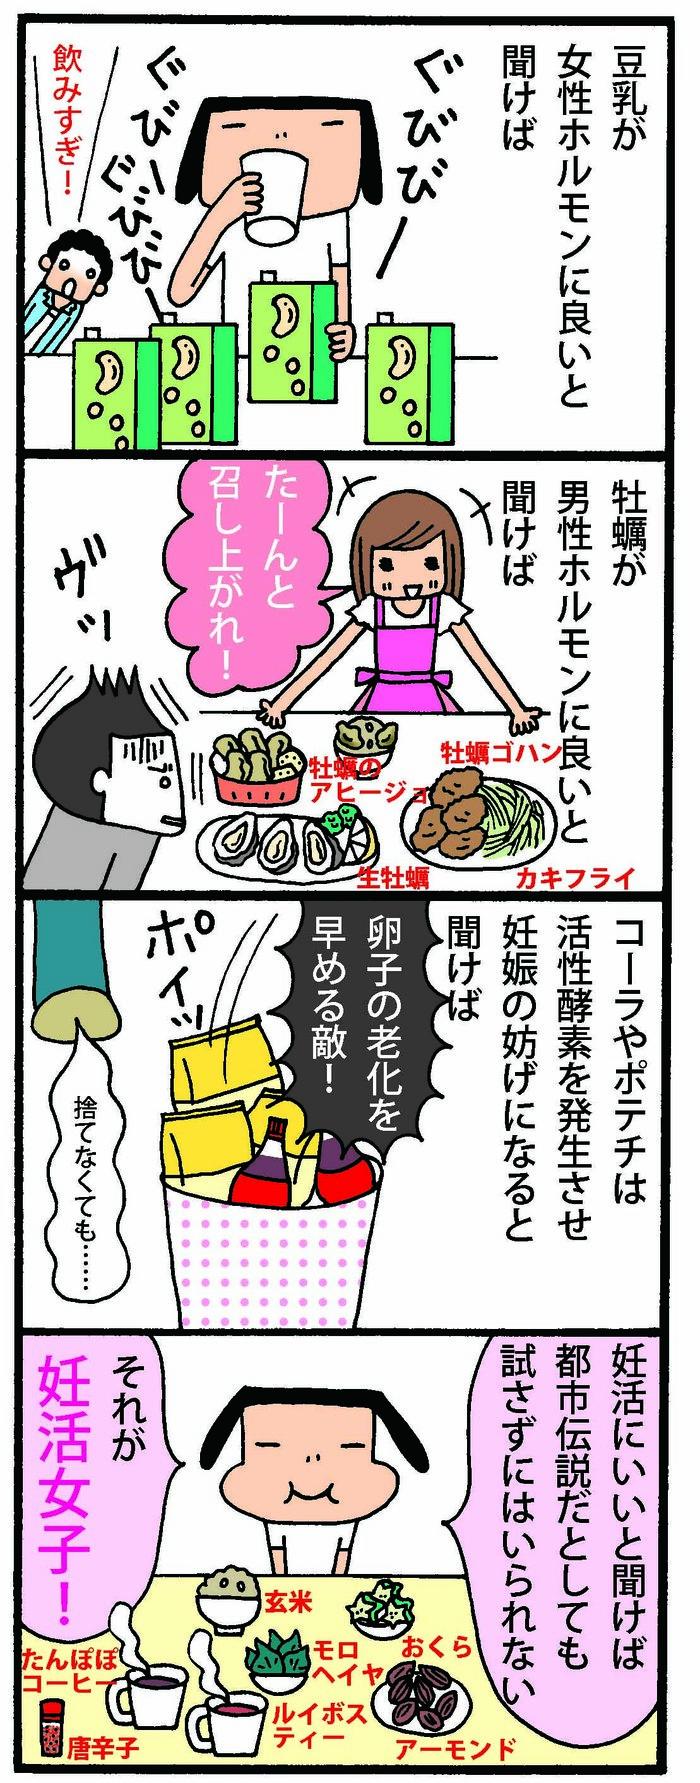 妊娠しやすい食べ物ってあるの?妊活女子の食事事情とは?の画像1